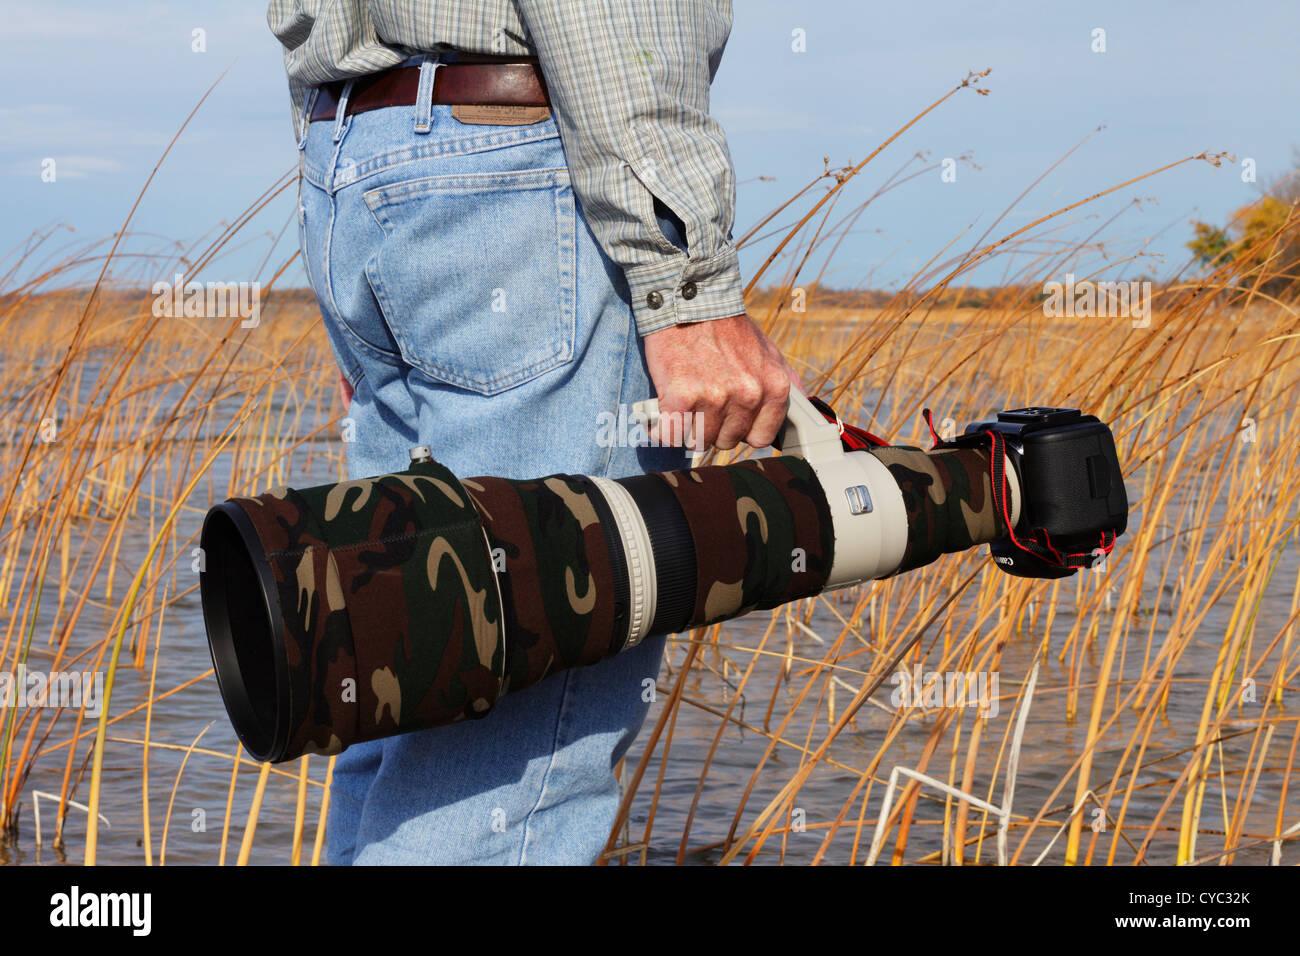 Fotografo professionista che porta un mimetizzata Canon super teleobiettivo e DSLR. Immagini Stock